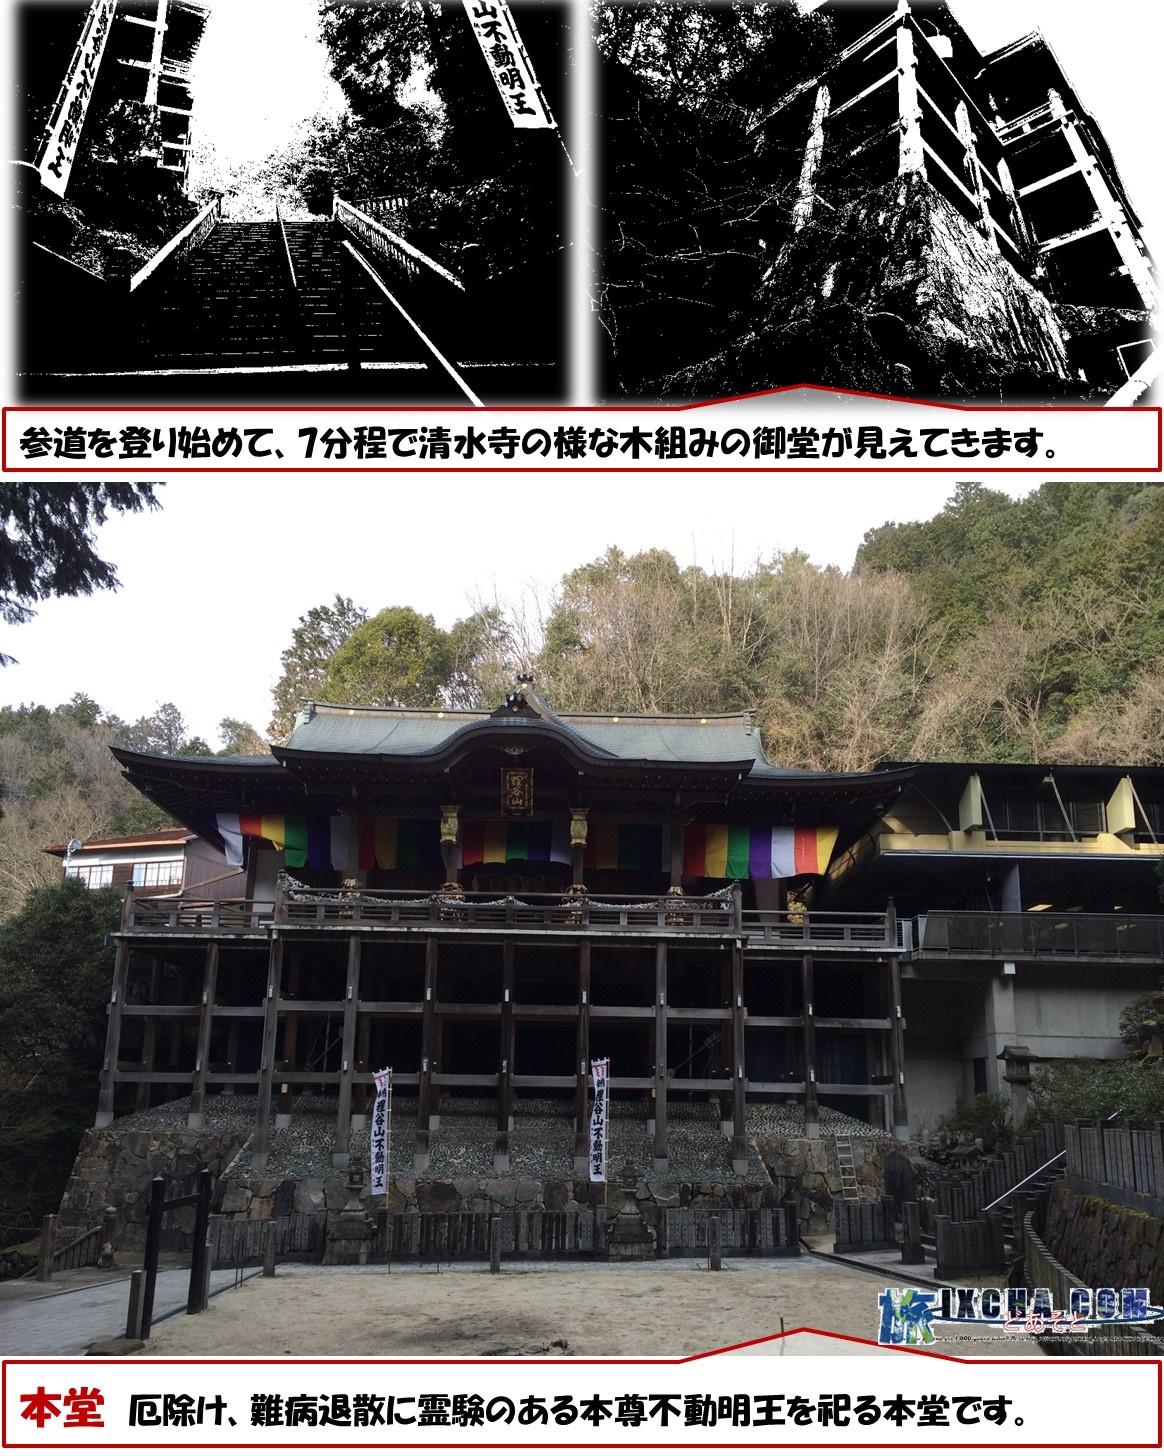 参道を登り始めて、7分程で清水寺の様な木組みの御堂が見えてきます。 本堂 厄除け、難病退散に霊験のある本尊不動明王を祀る本堂です。